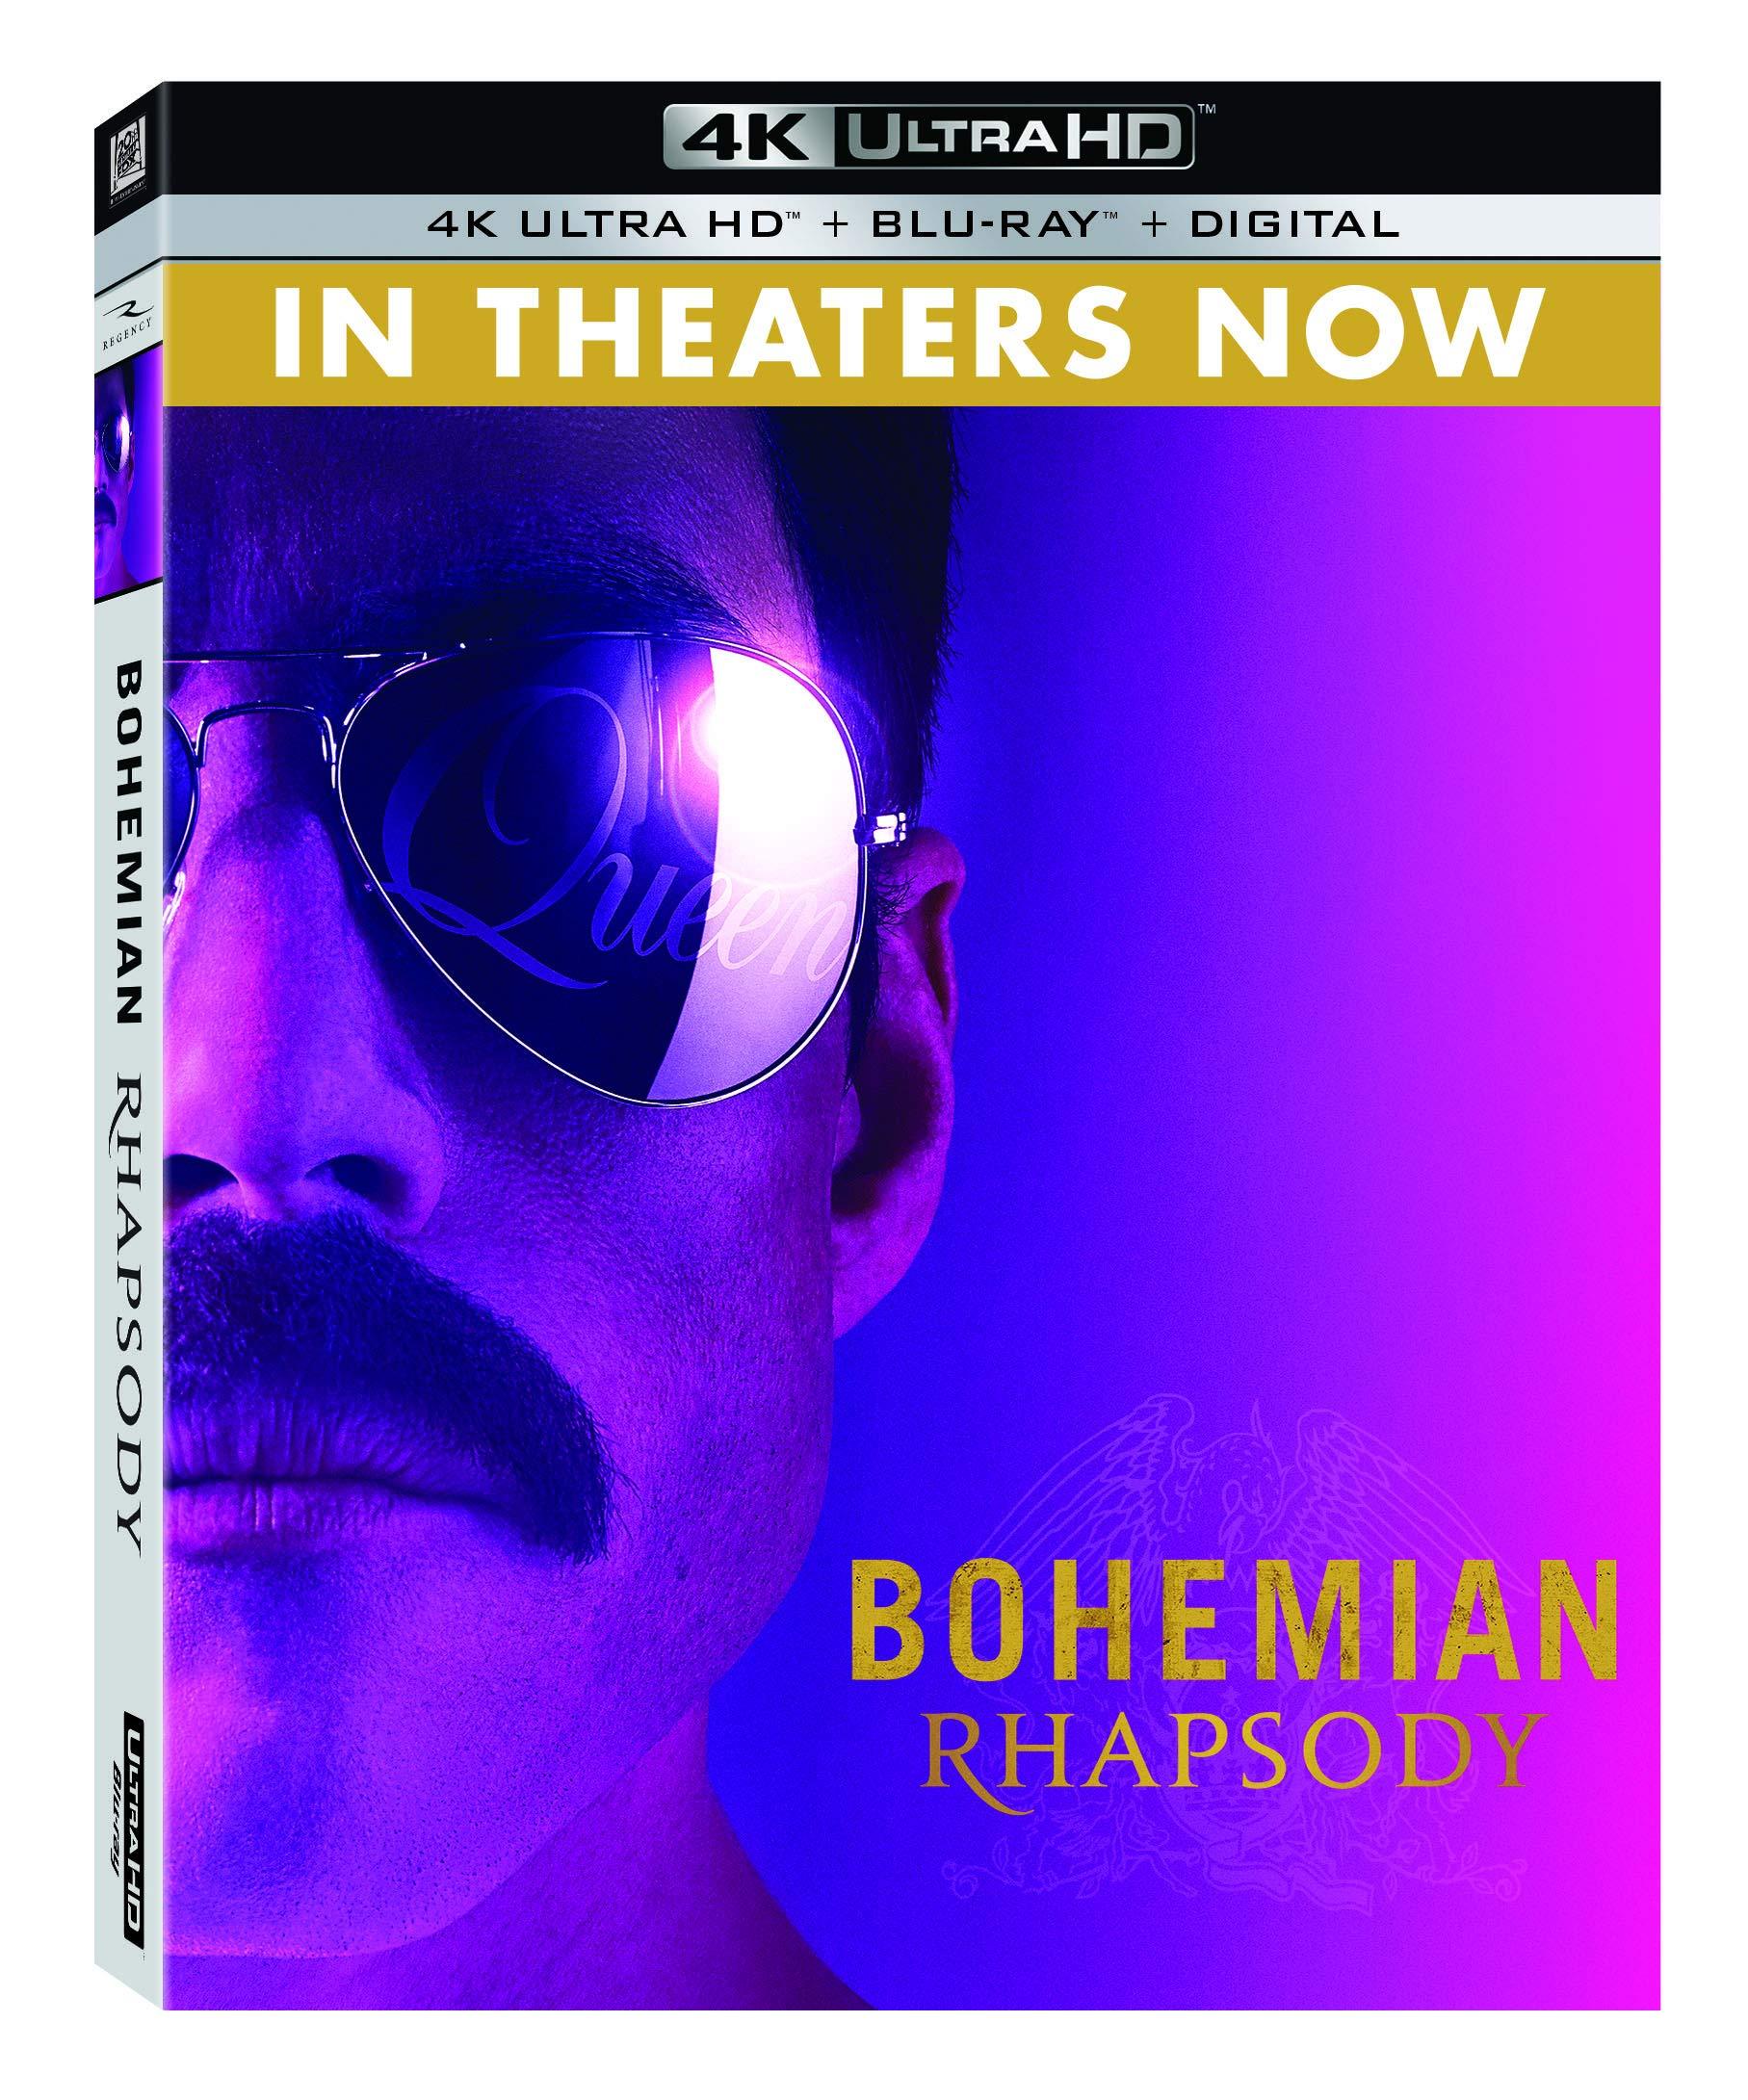 Buy Bohemian Rhapsody Now!